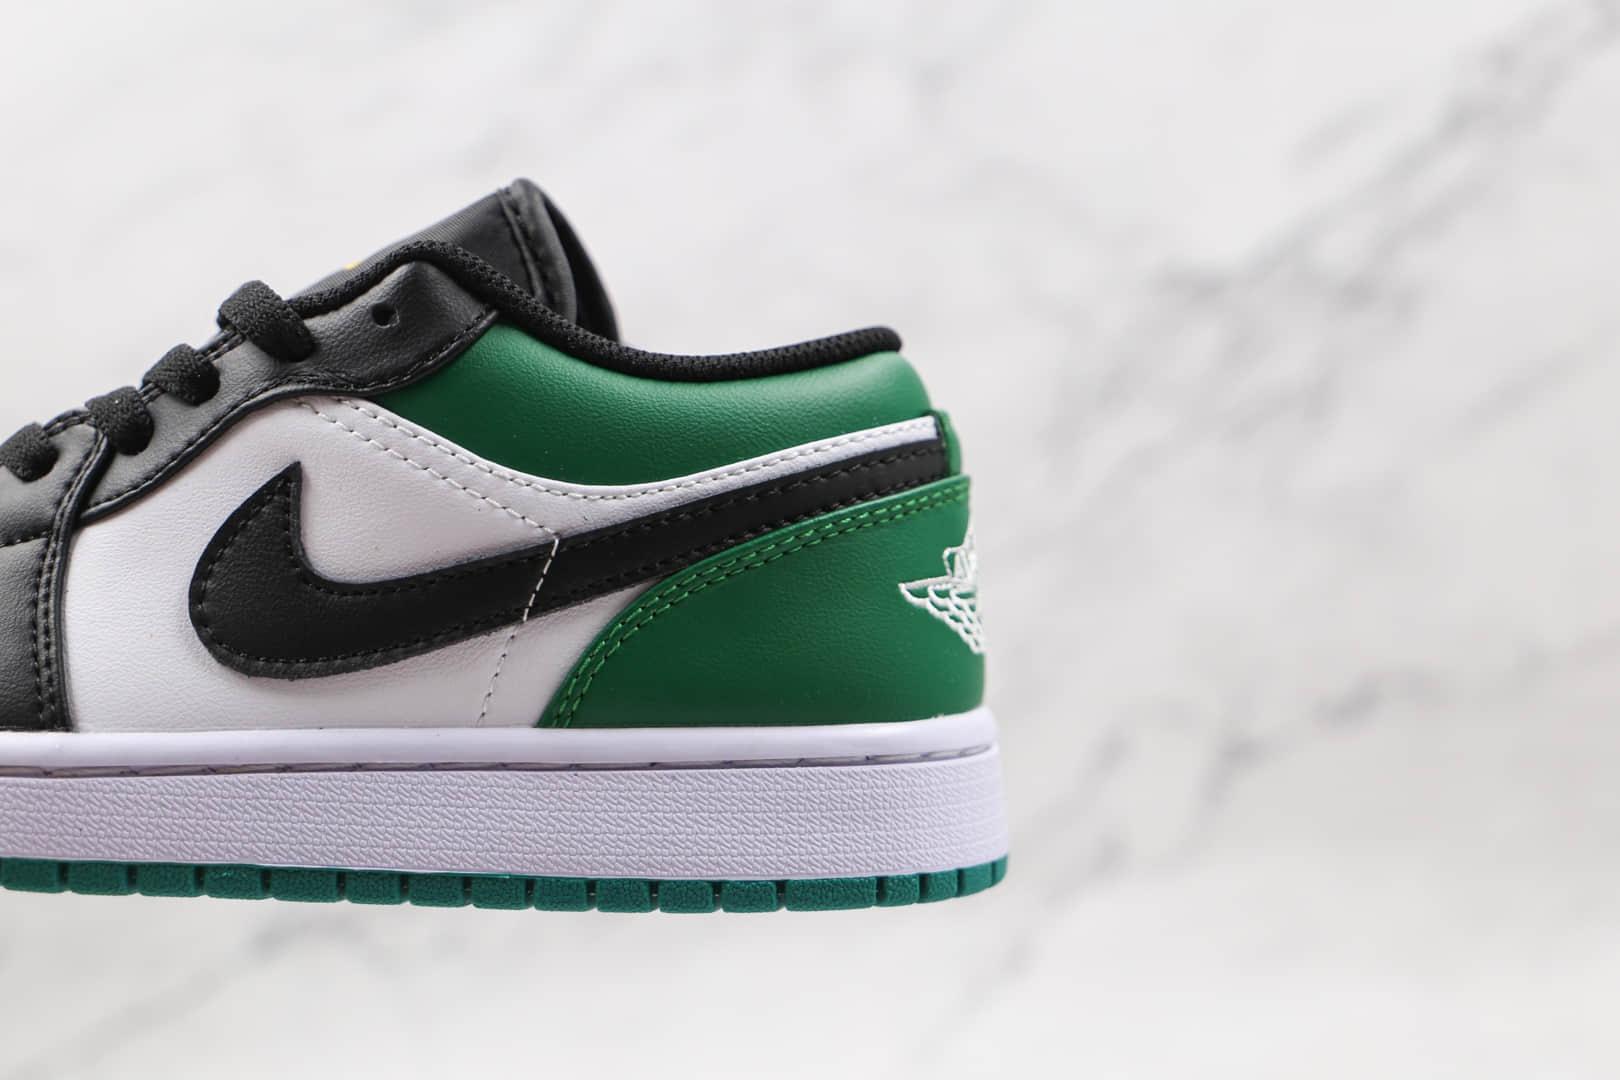 乔丹Air Jordan 1 Low Green Toe纯原版本低帮AJ1黑绿脚趾凯尔特人板鞋原档案数据开发 货号:553558-371